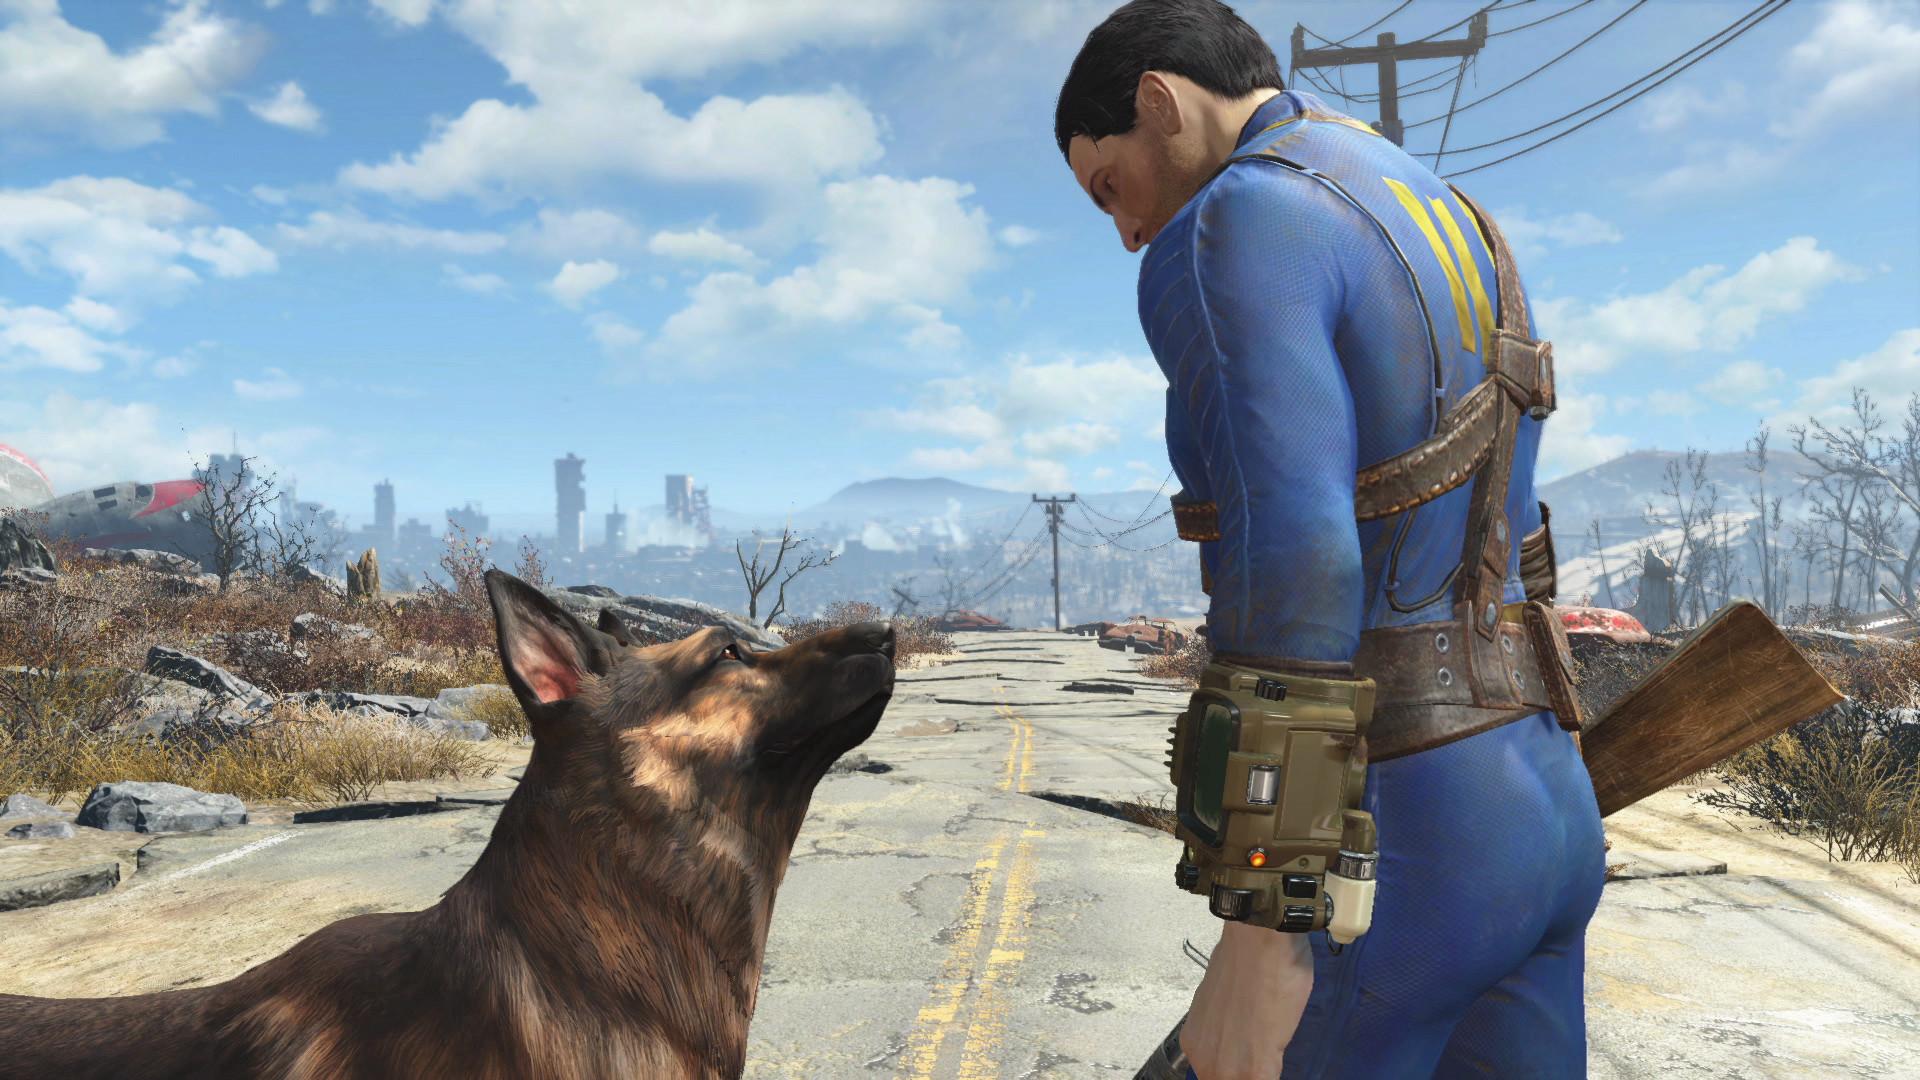 Fallout 4 ESPAÑOL PC Full + Update v1.1.30 (CODEX) + REPACK 5 DVD5 (JPW) 1